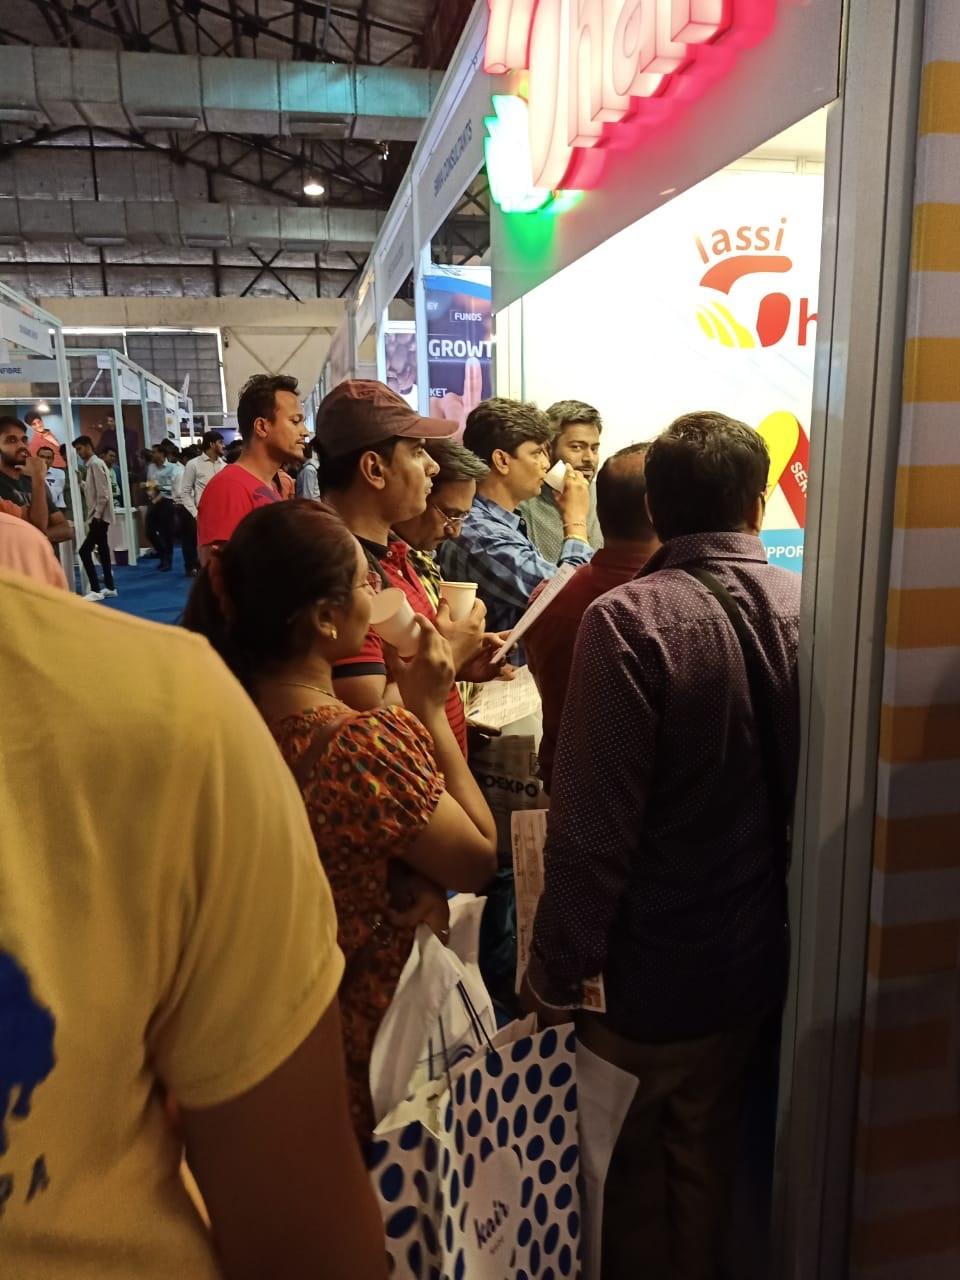 Lassighar Shop crowded